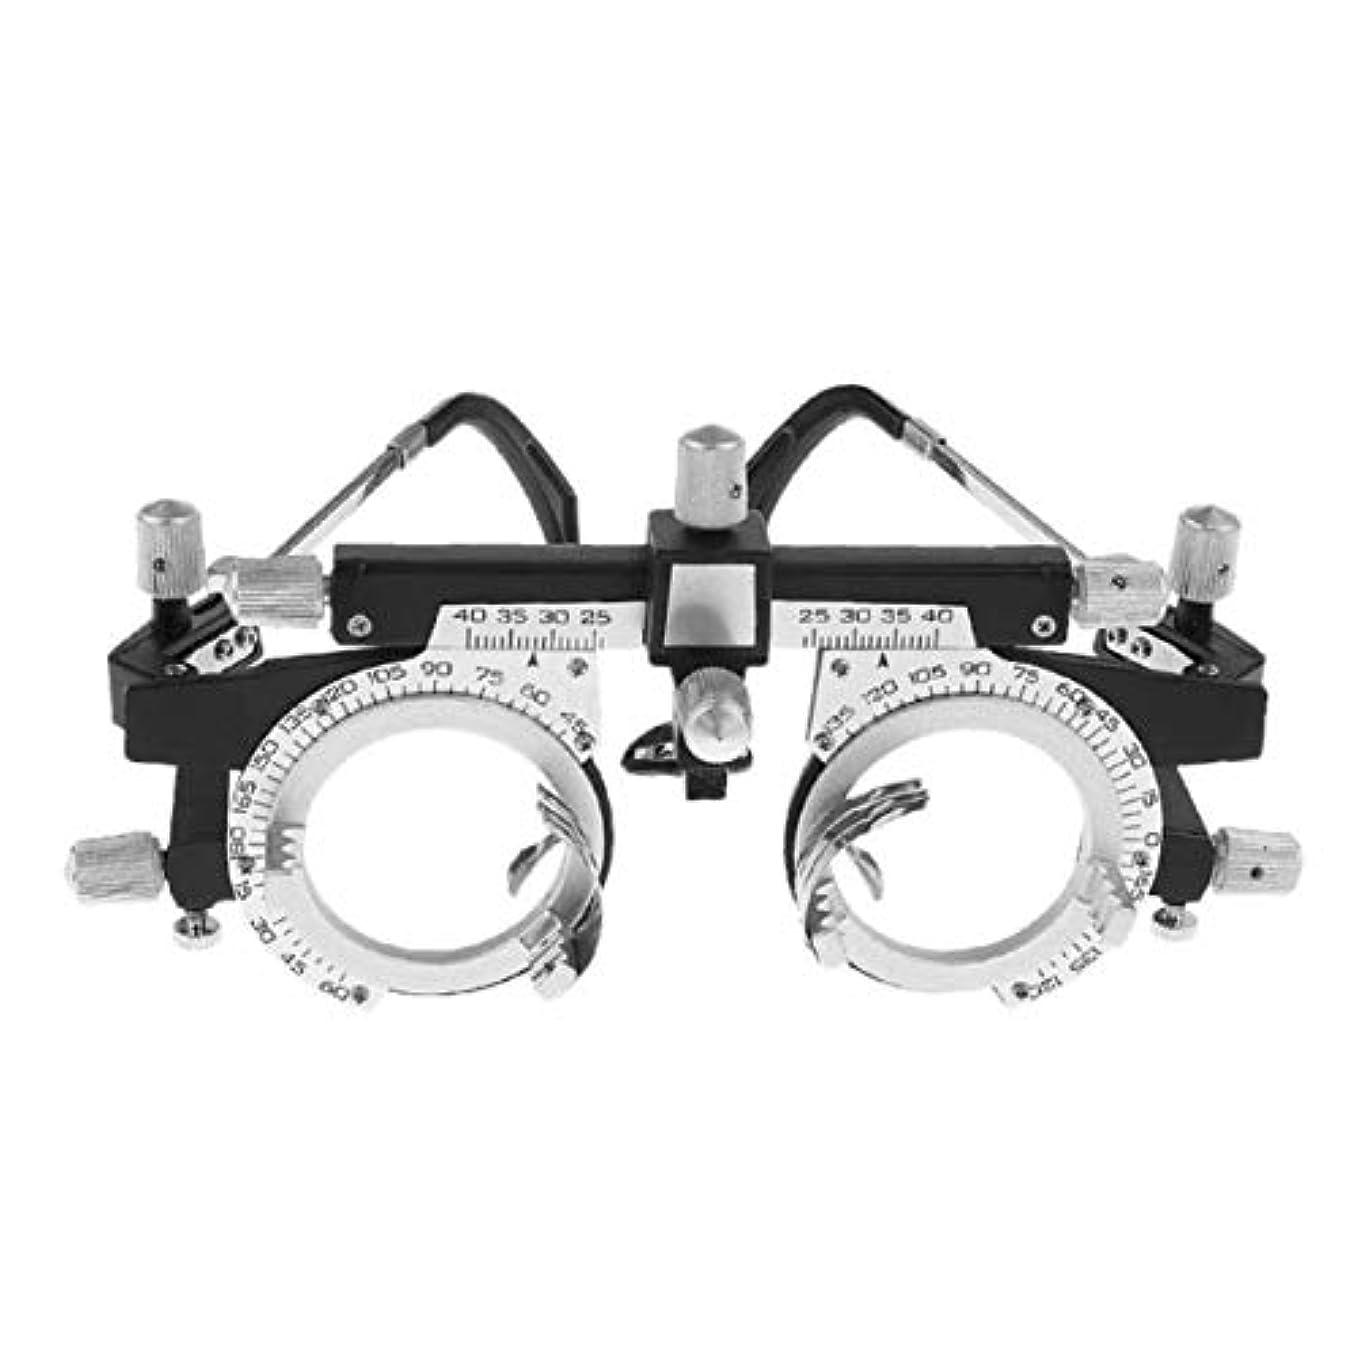 雪の権限を与えるスペクトラム調節可能なプロフェッショナルアイウェア検眼メタルフレーム光学オプティクストライアルレンズメタルフレームPDメガネアクセサリー - シルバー&ブラック